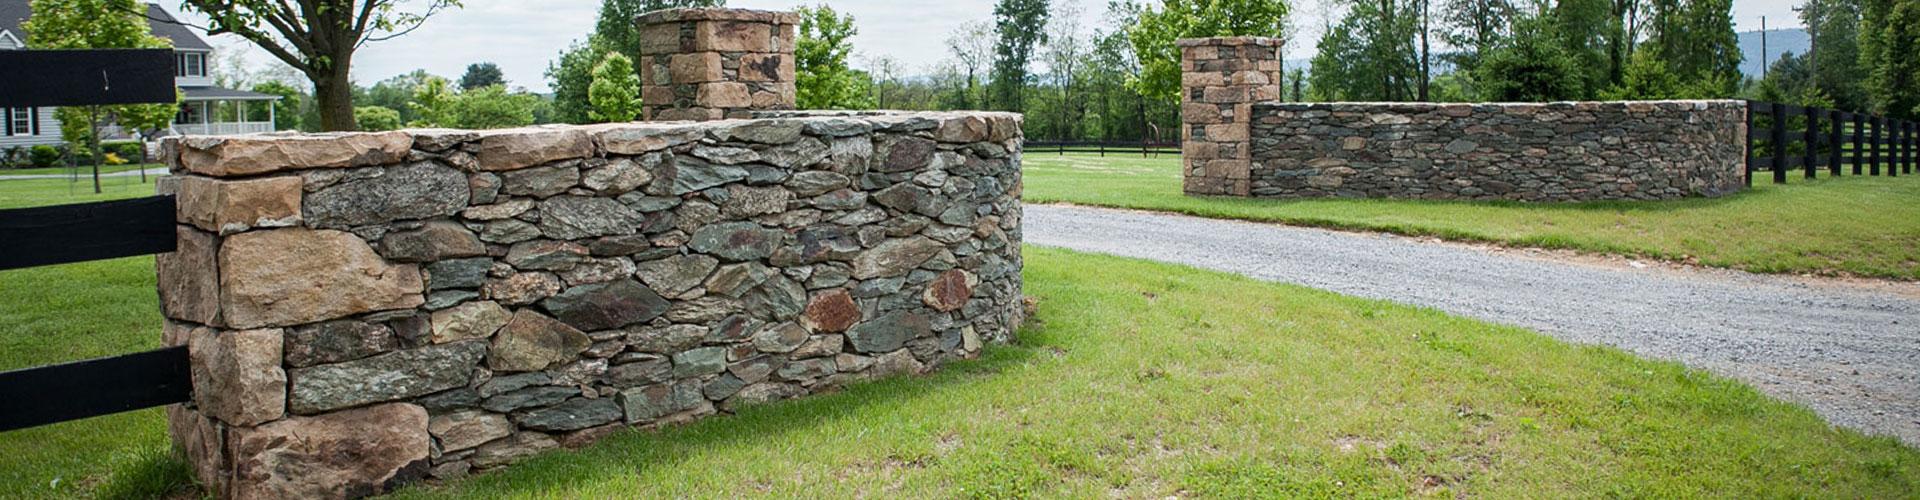 Entrance Walls and Columns | Loudoun County